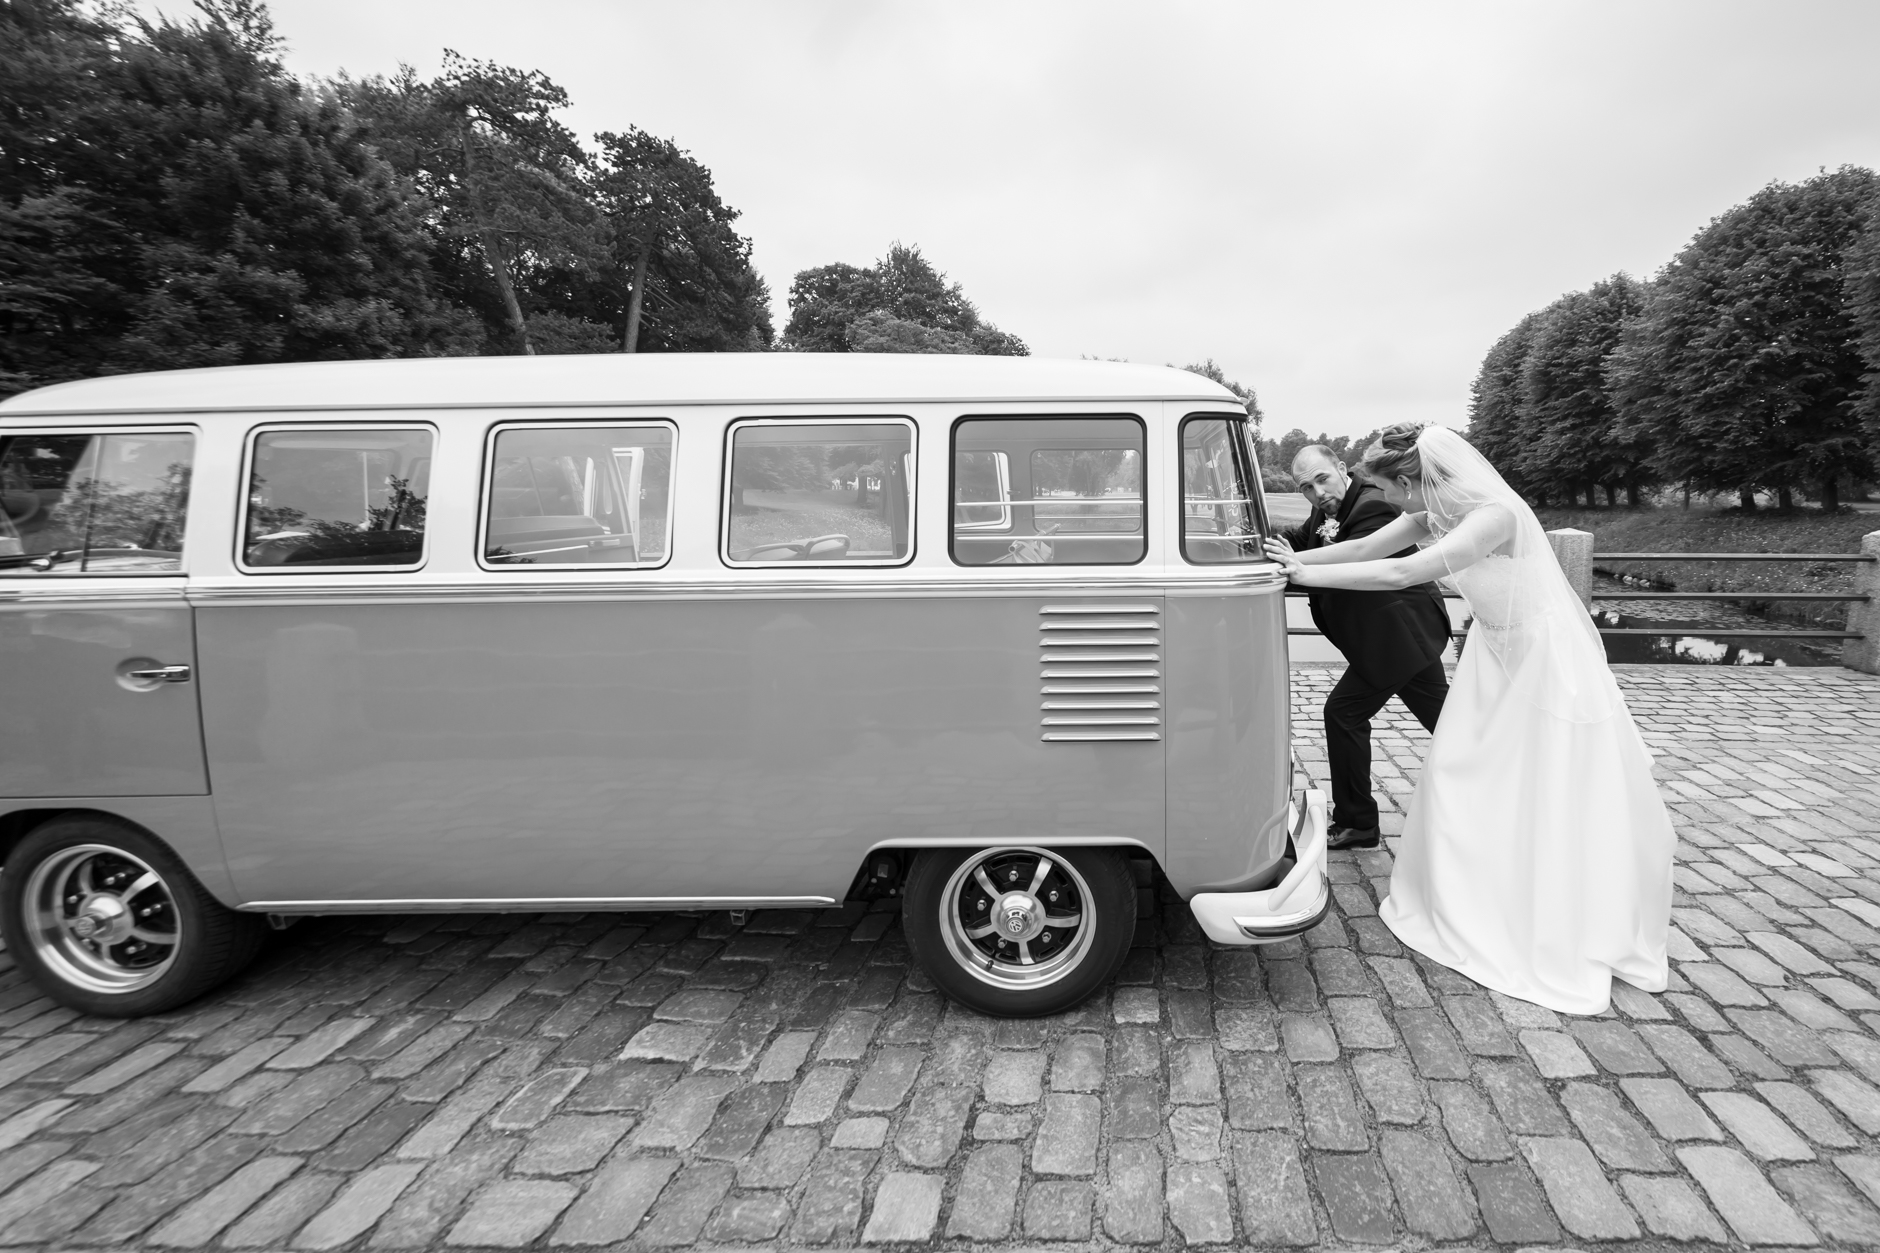 Der Bulli, die perfekte Kulisse für tolle Bilder Eurer Hochzeit